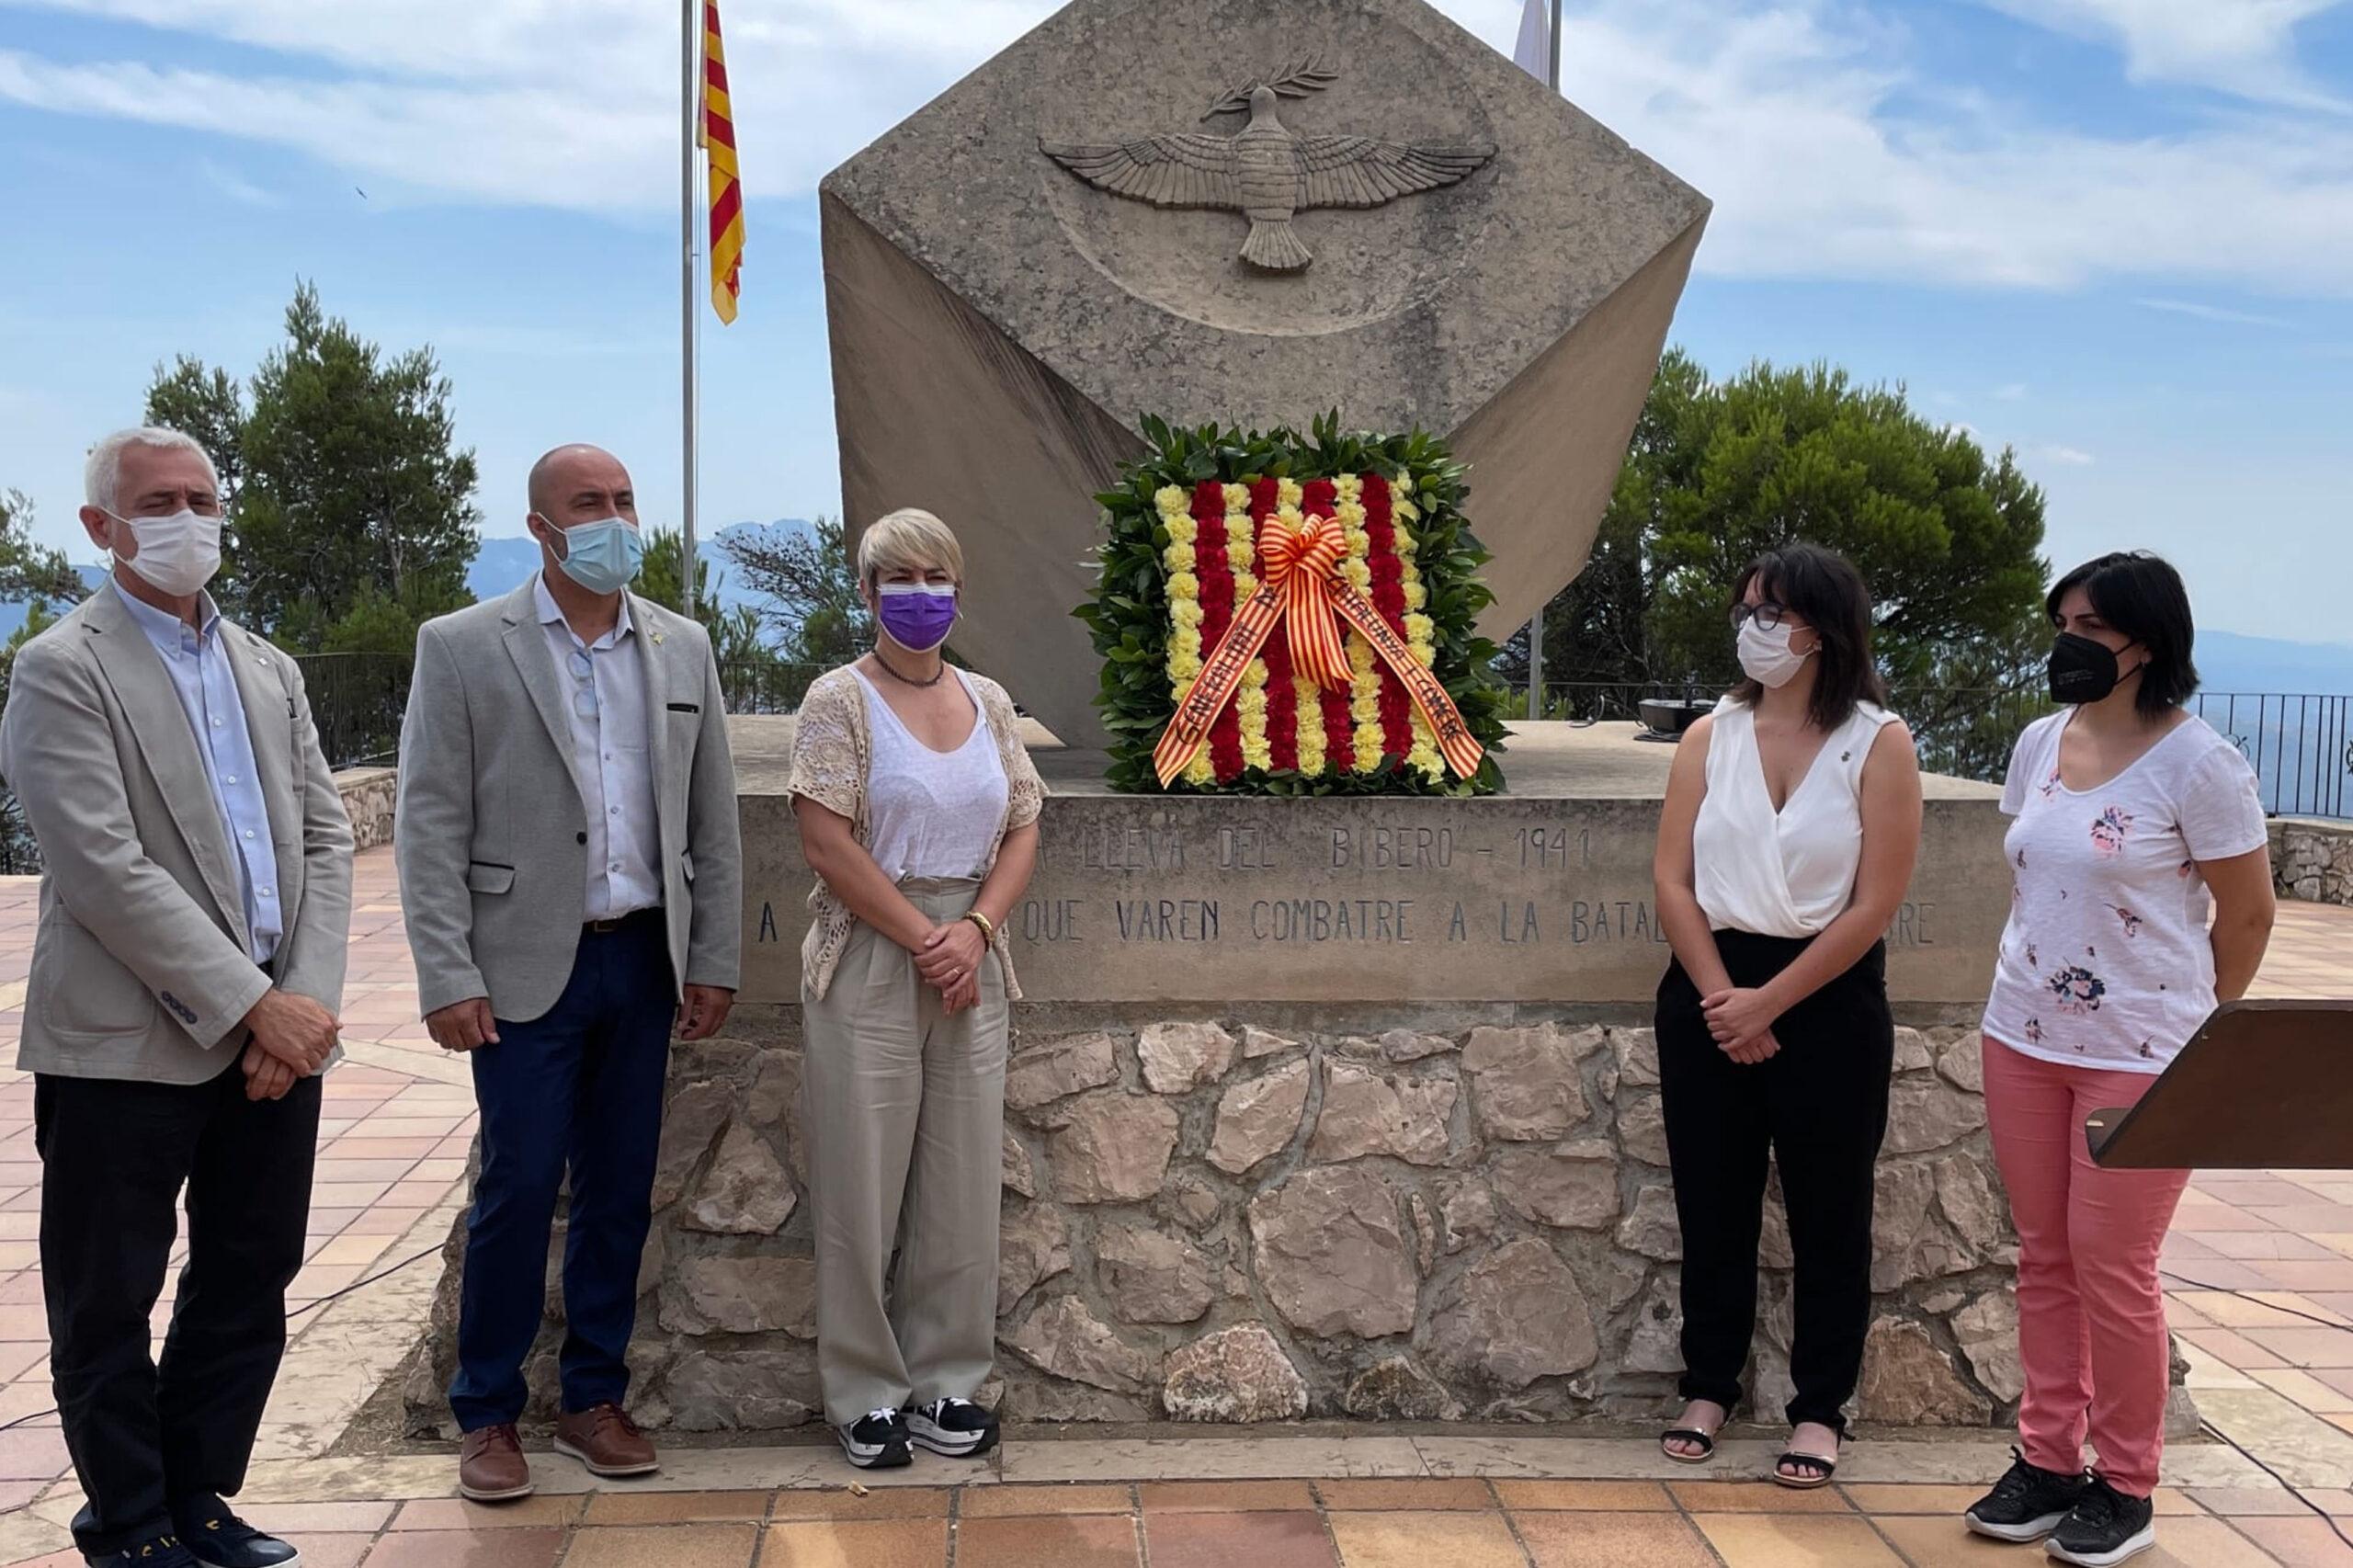 La consellera Ciuró i altres autoritats durant l'homenatge al Pinell del Brai (Terra Alta) dels combatents a la Batalla de l'Ebre / ACN